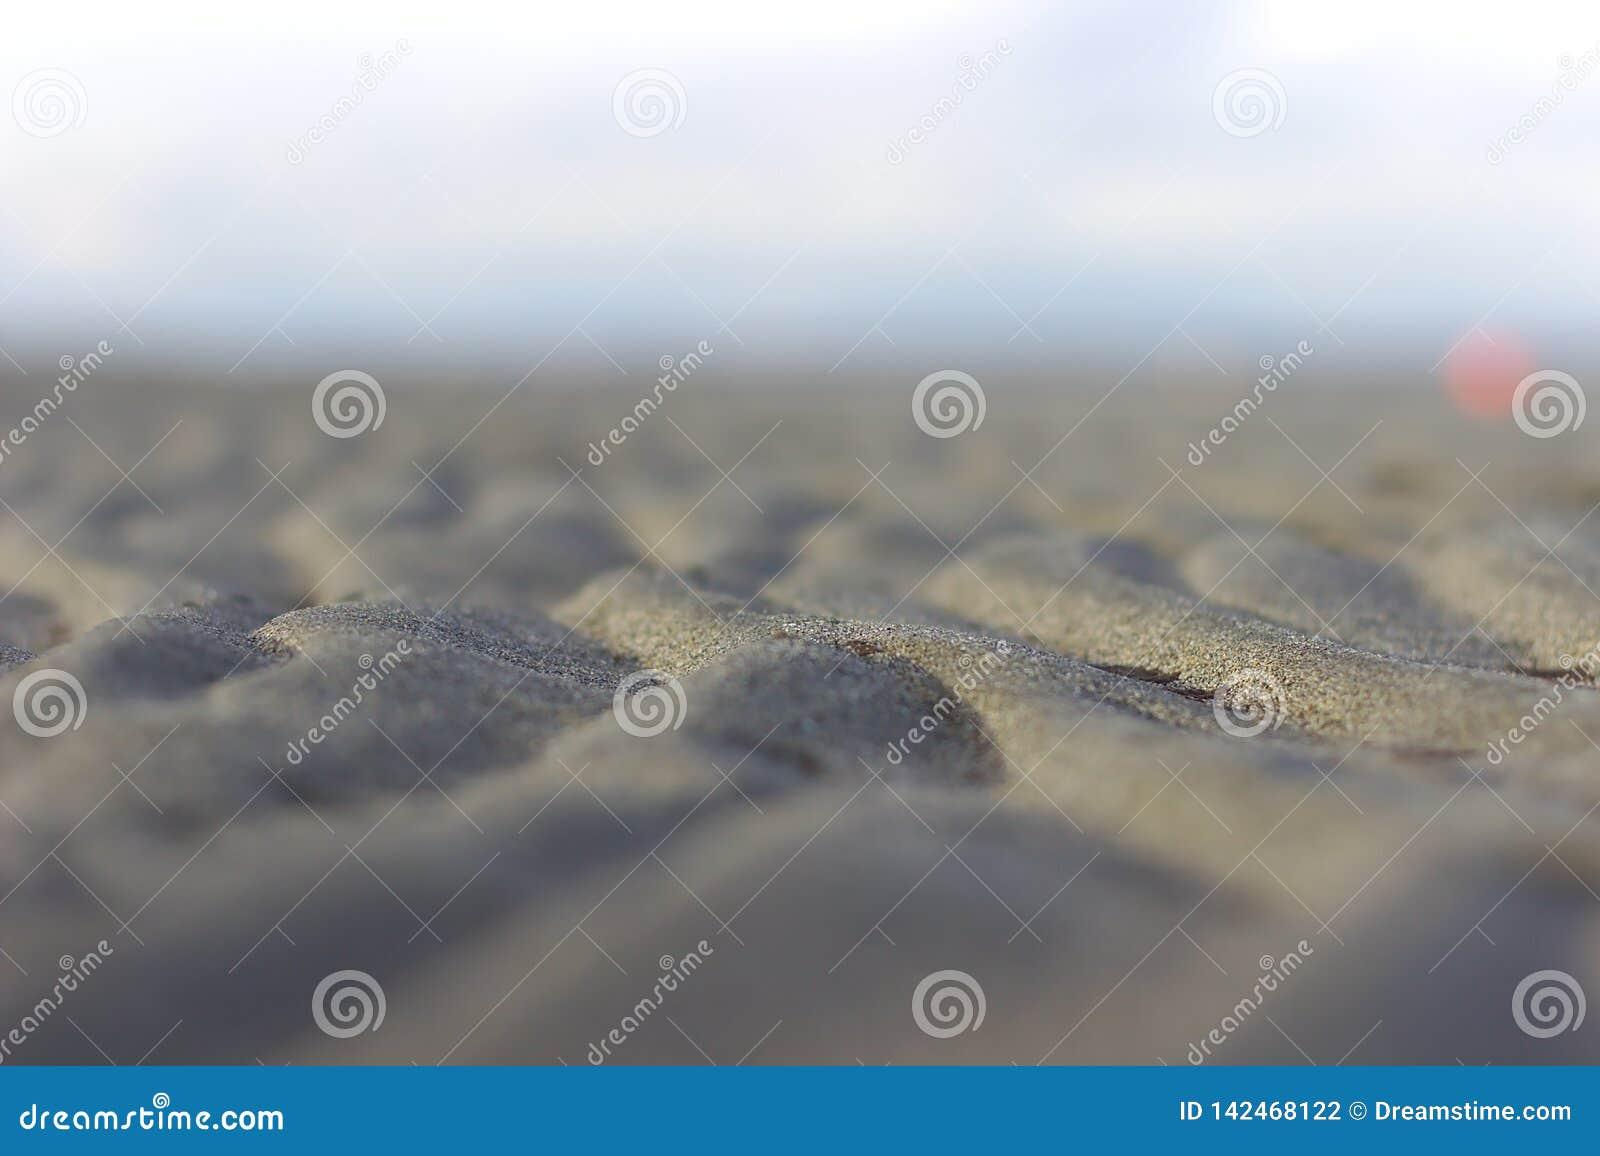 Waterrimpelingen tijdens eb bij strand